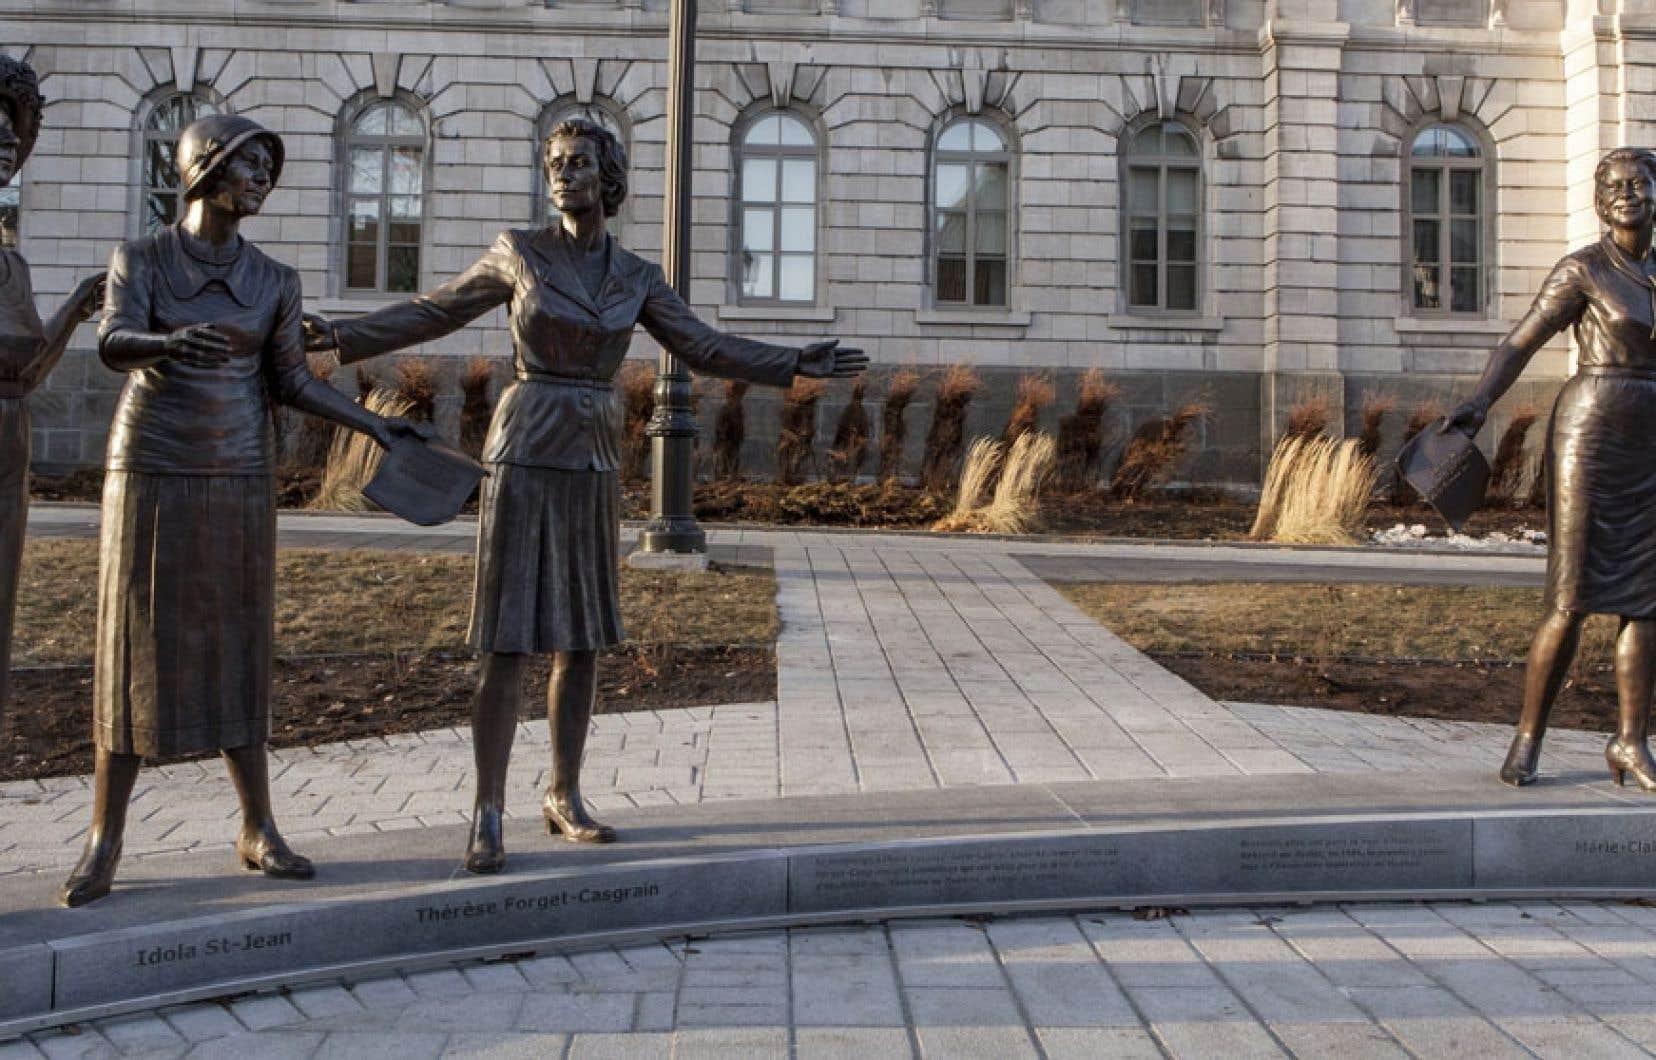 En décembre 2012, quatre femmes « historiques » sont apparues sur la façade sud du Parlement : trois « suffragettes », Thérèse Forget-Casgrain, Marie Lacoste Gérin-Lajoie et Idola Saint-Jean, ainsi que la première députée de l'histoire du Québec, Marie-Claire Kirkland.